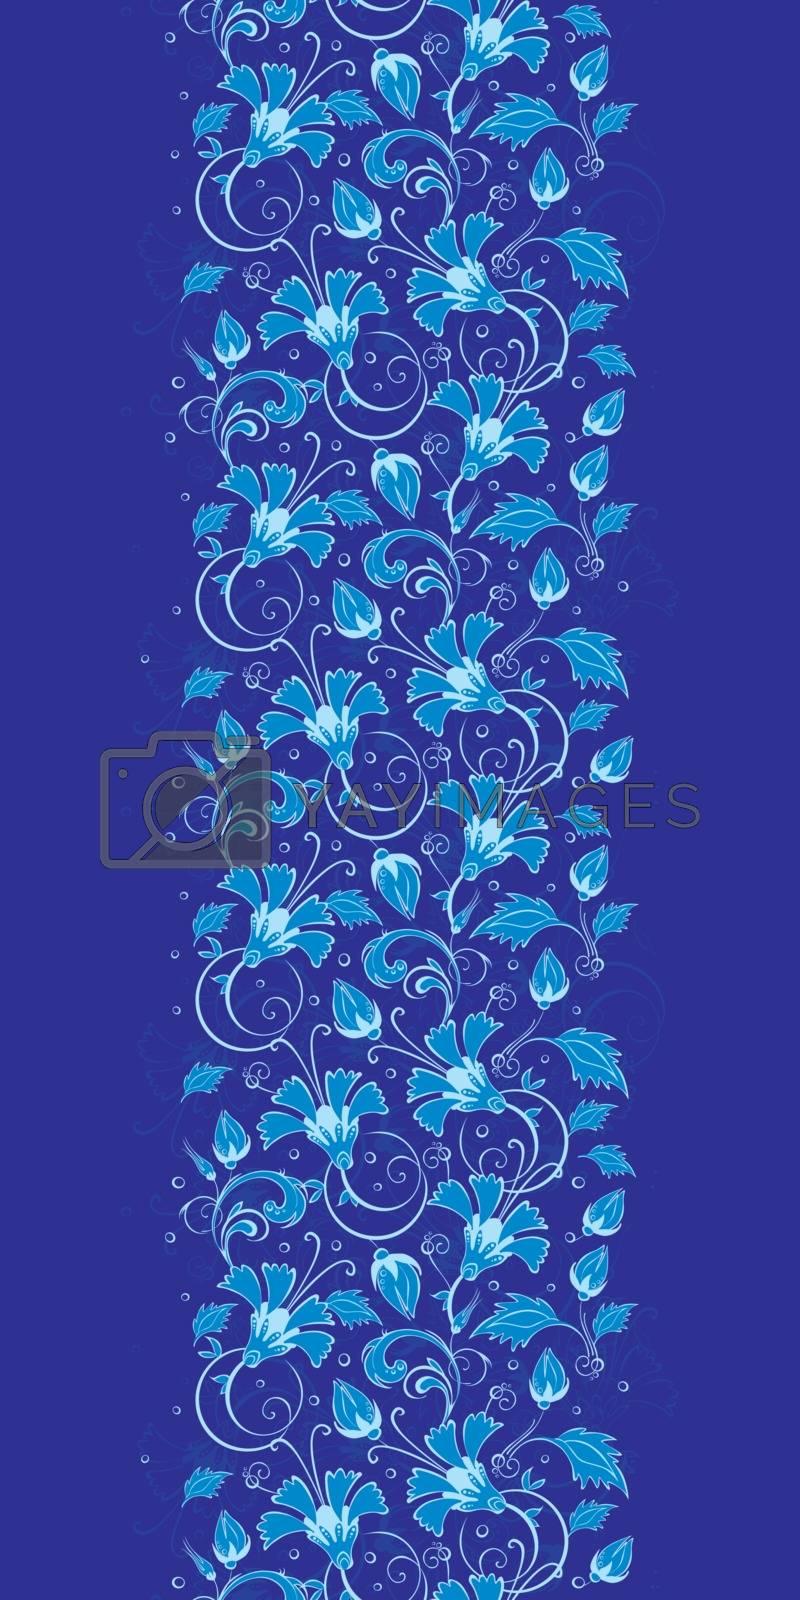 Vector dark blue turkish floral vertical border seamless pattern background graphic design